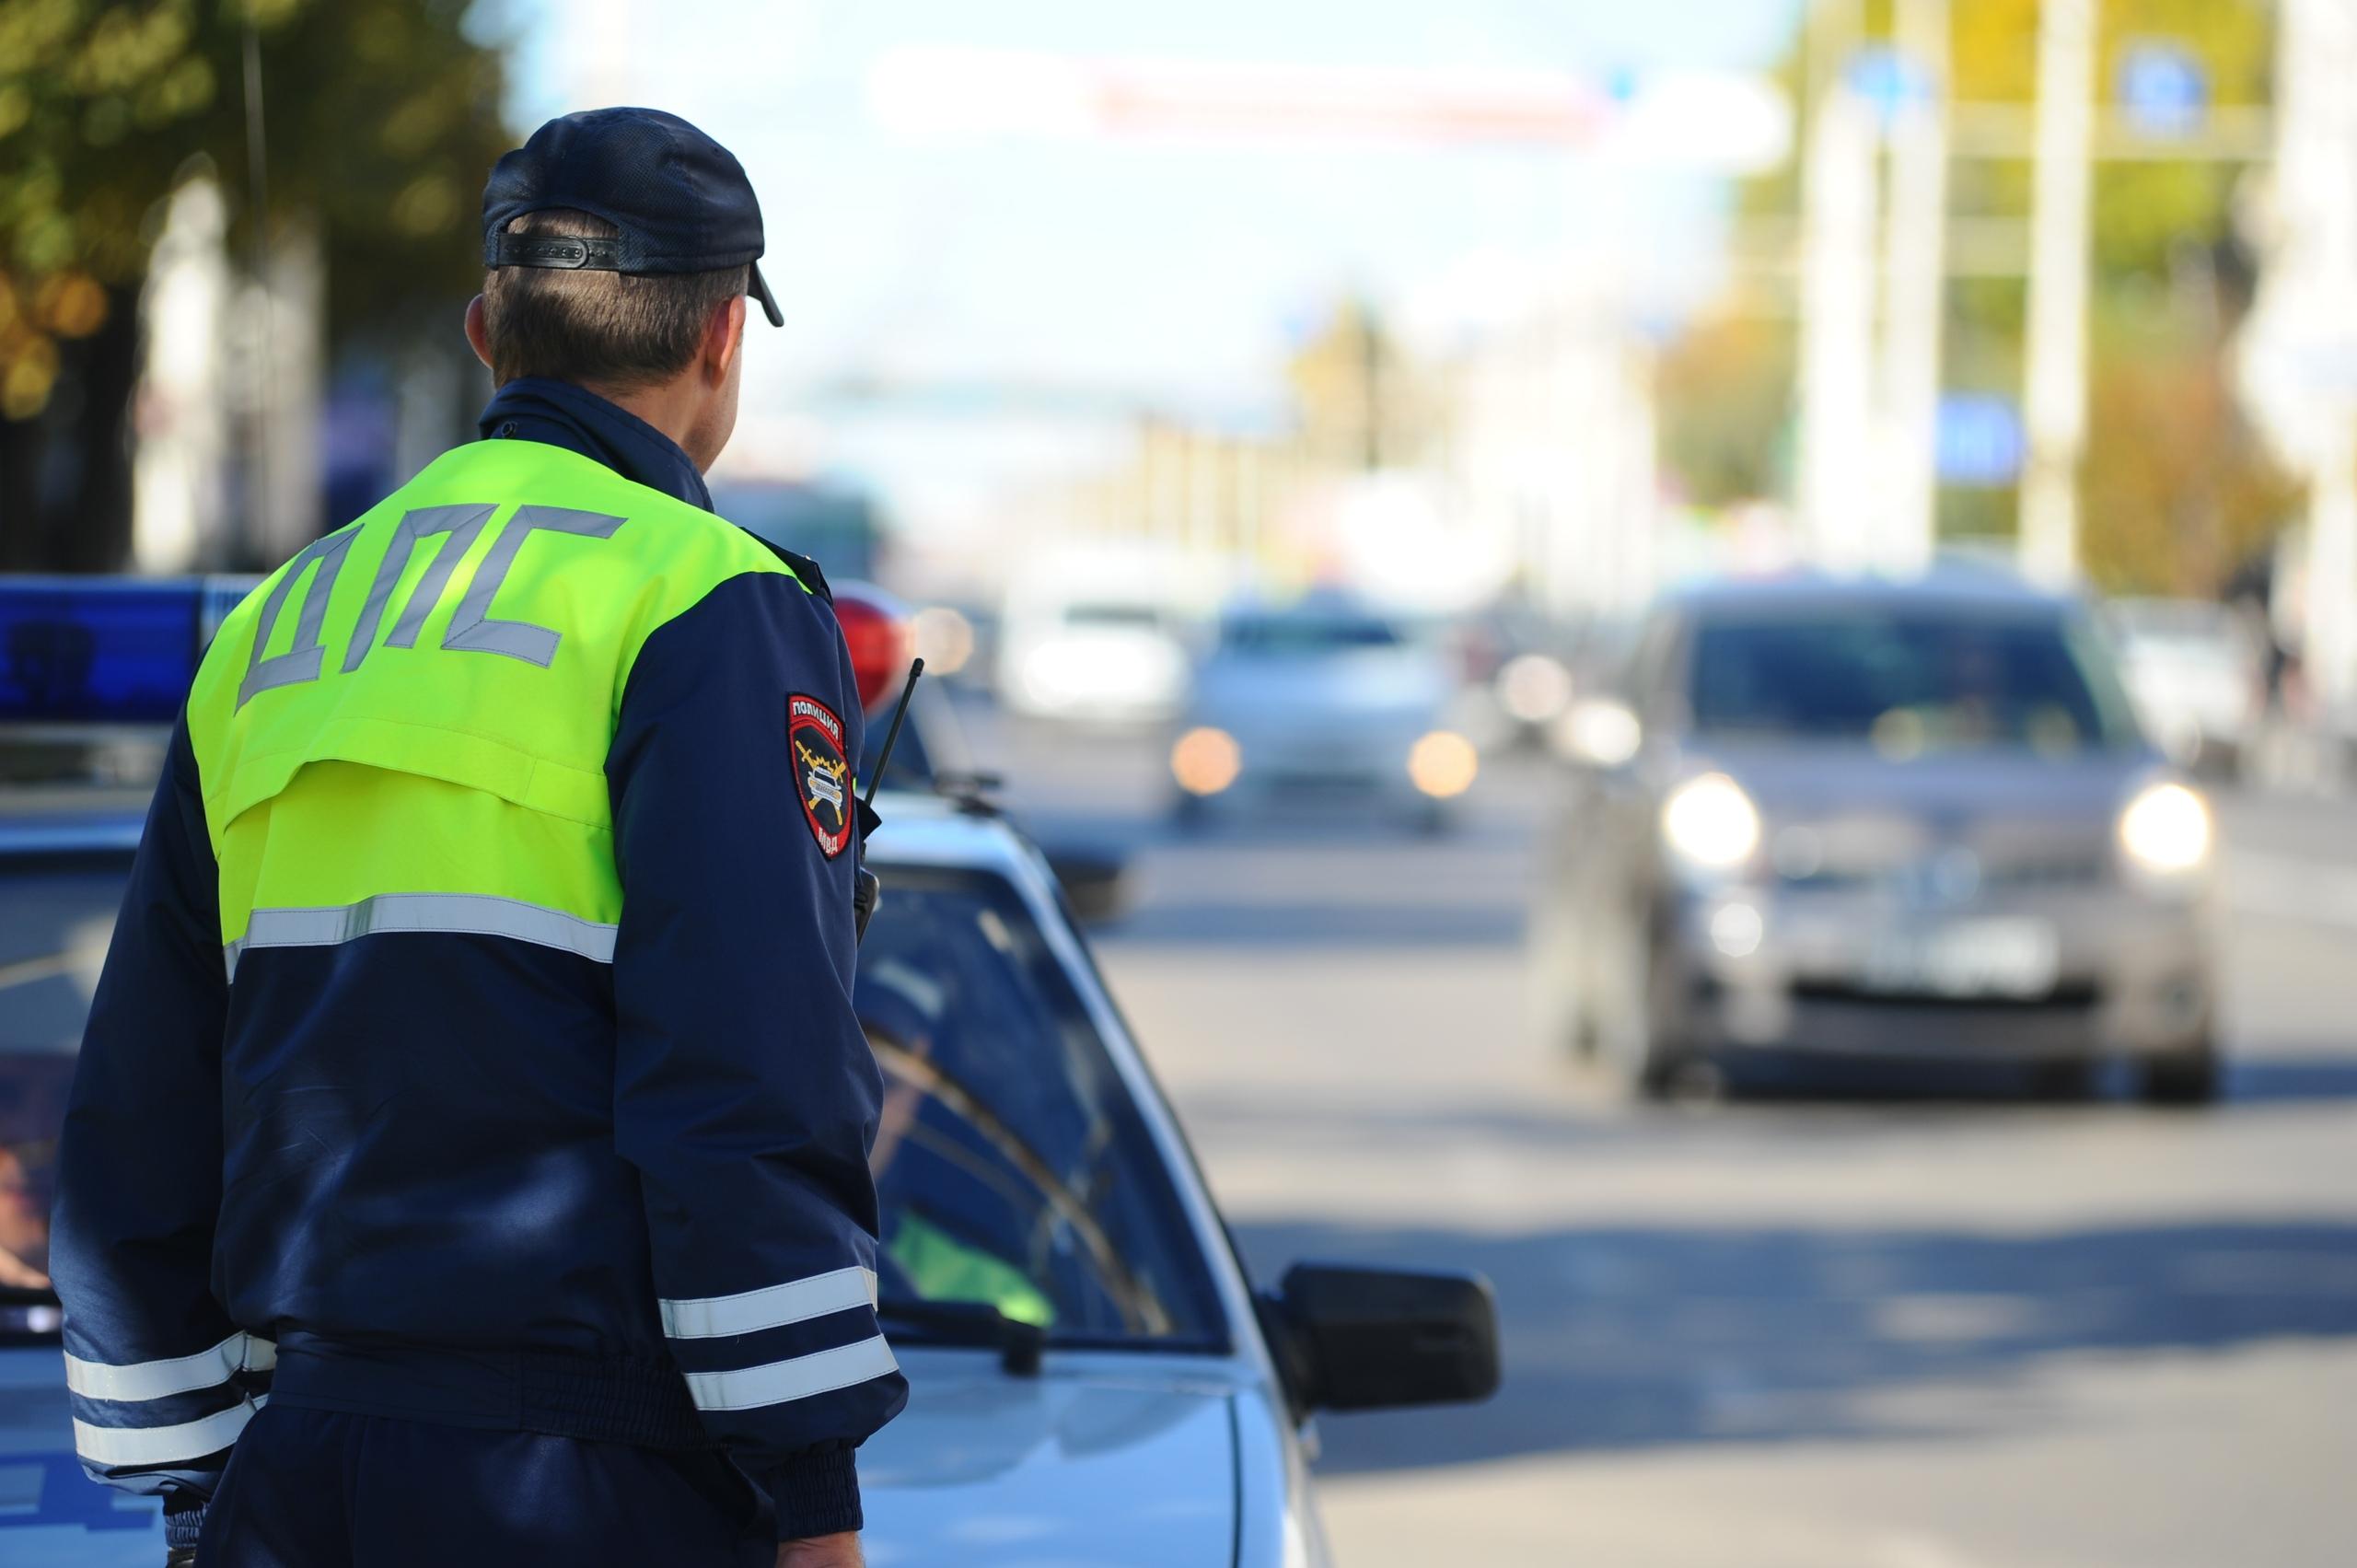 В Твери проведут дополнительные работы по обеспечению безопасности дорожного движения